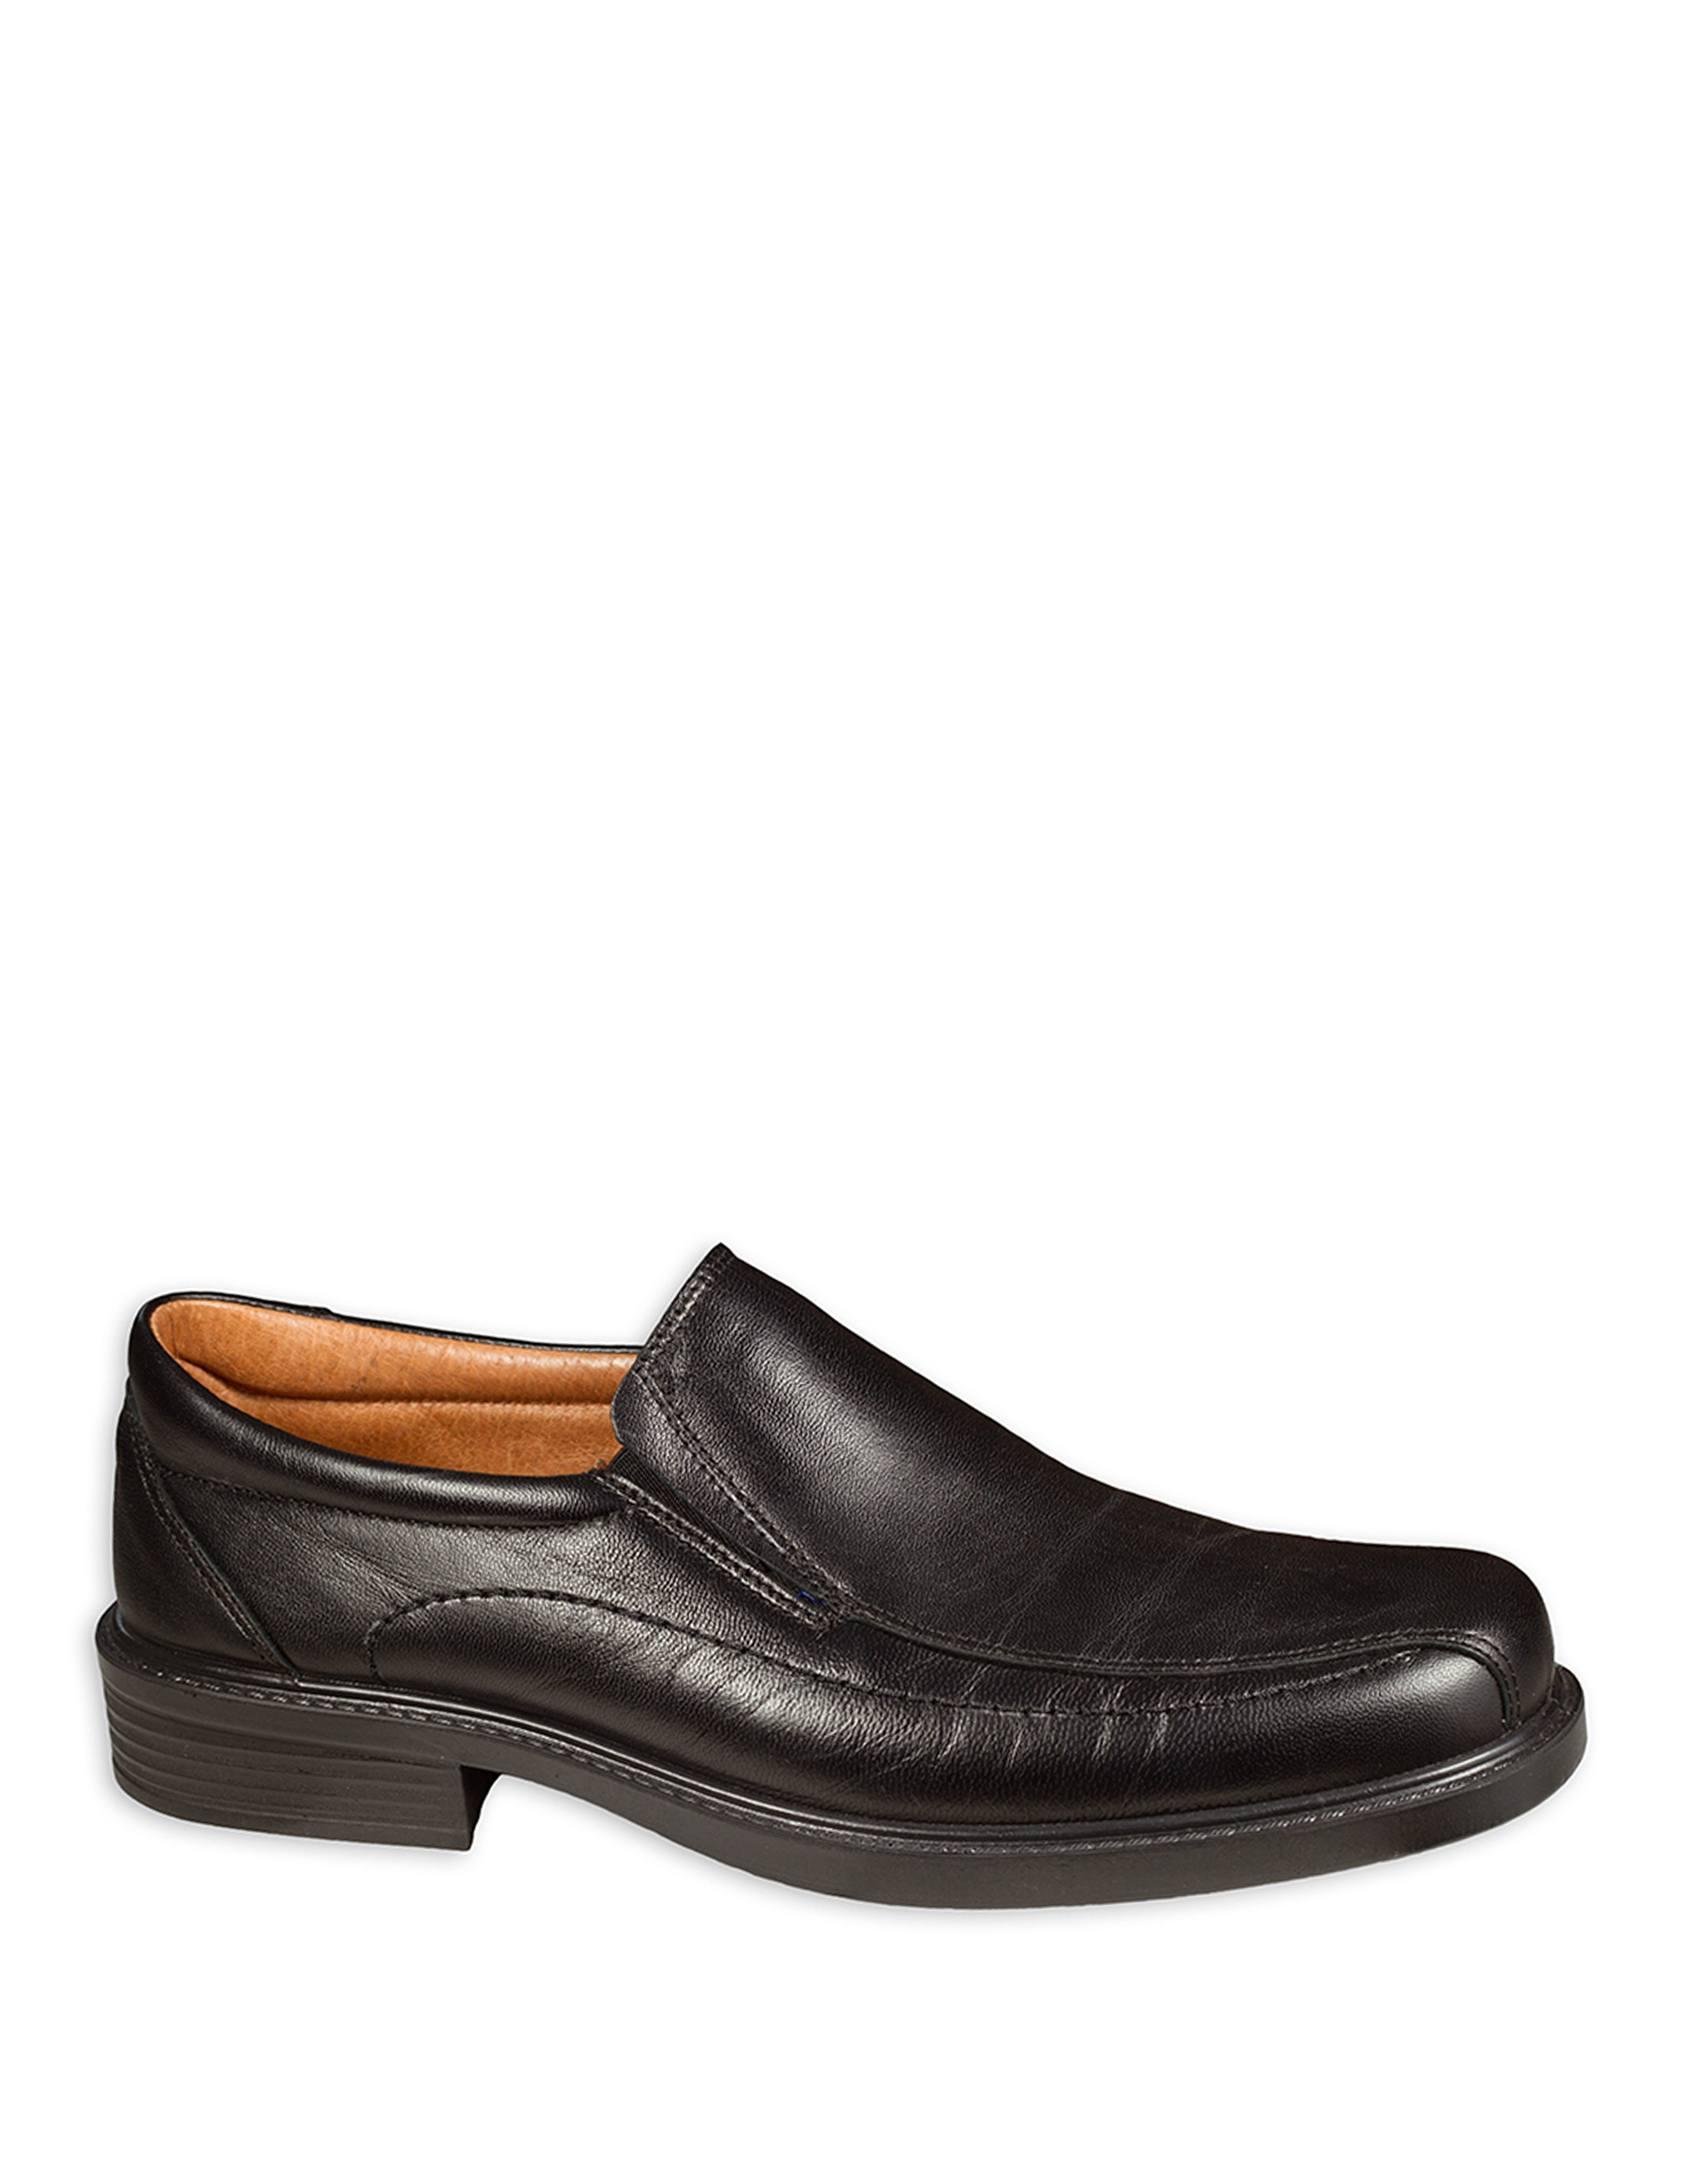 Zapato Manoletina Luisetti